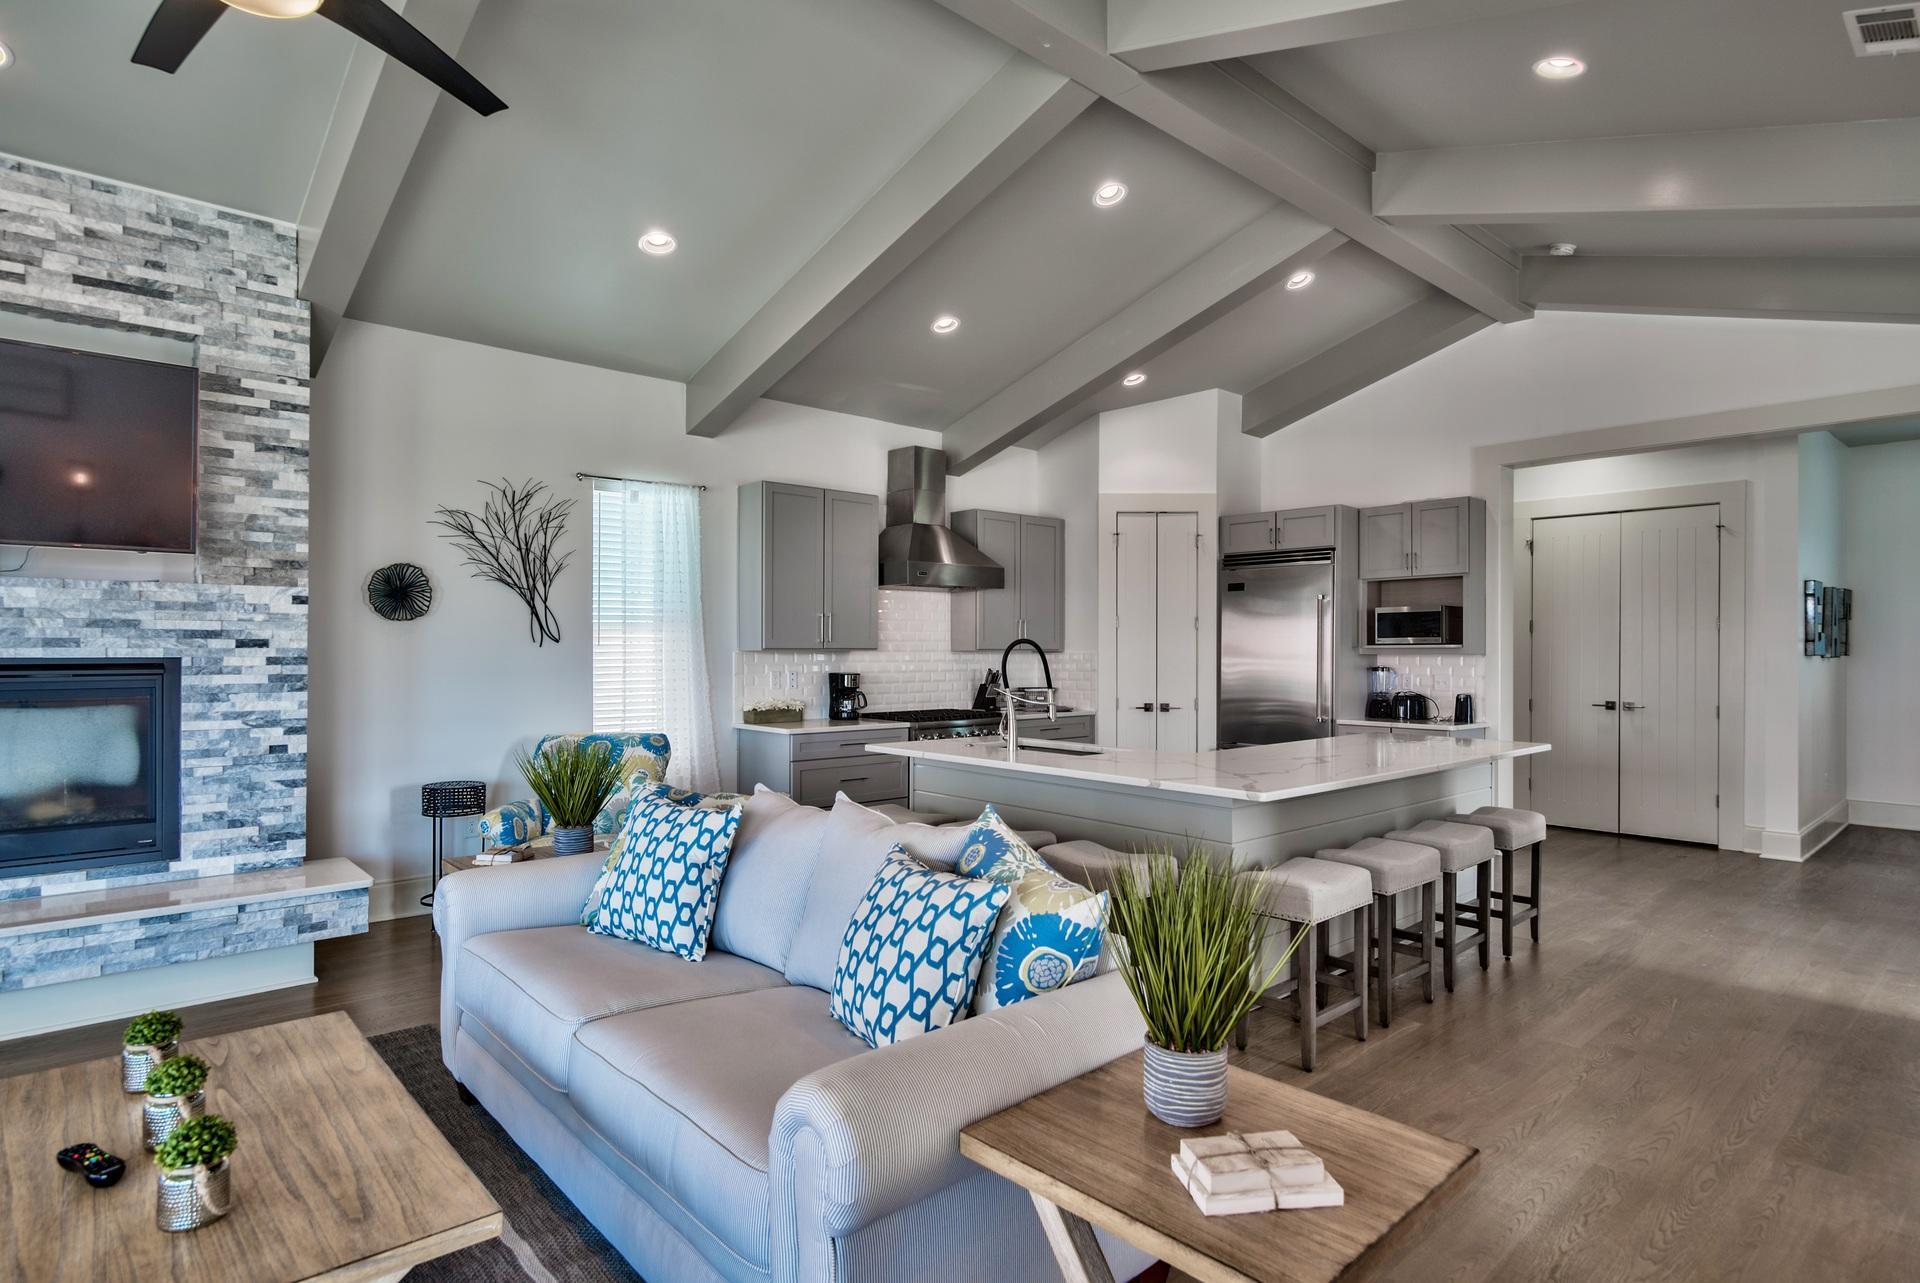 1026 Dune Allen,Santa Rosa Beach,Florida 32459,5 Bedrooms Bedrooms,5 BathroomsBathrooms,Detached single family,Dune Allen,20131126143817002353000000